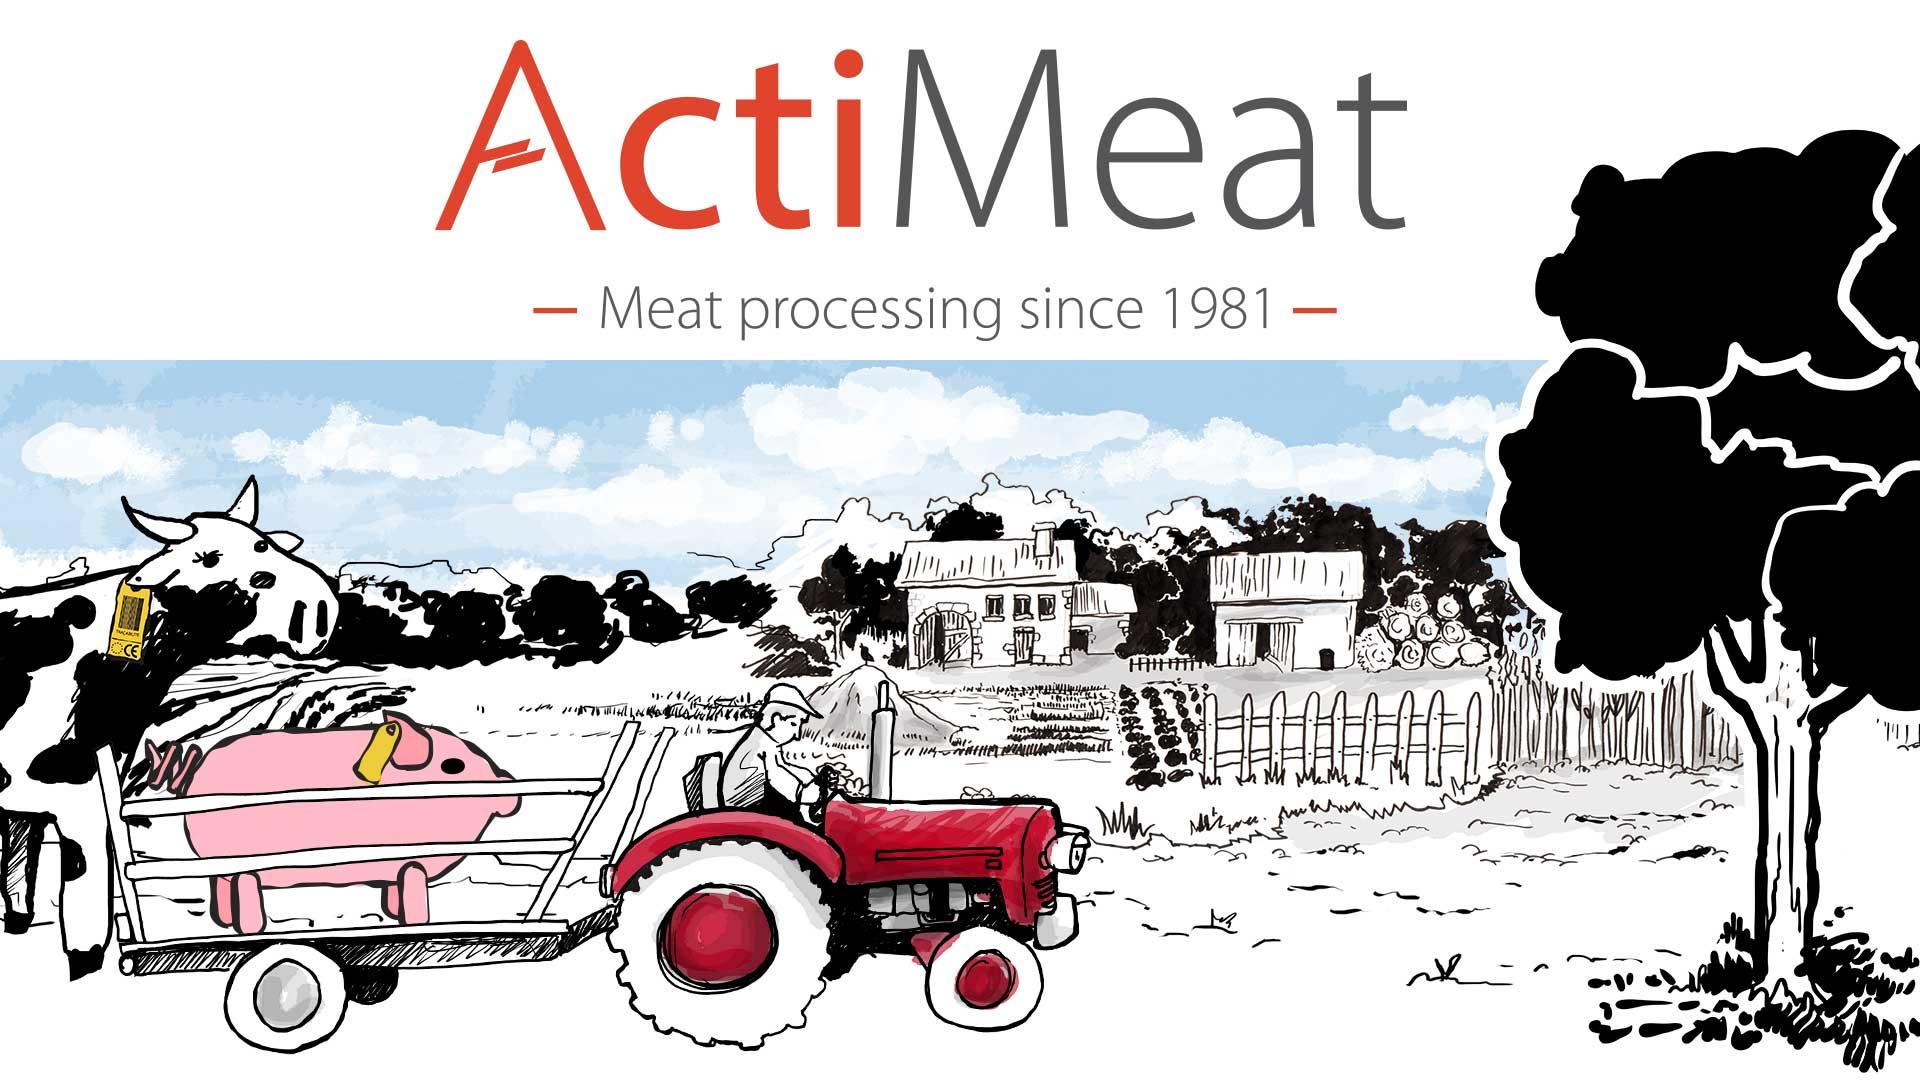 Vidéo réalisée par Déclic Vidéo pour la société Acti Meat